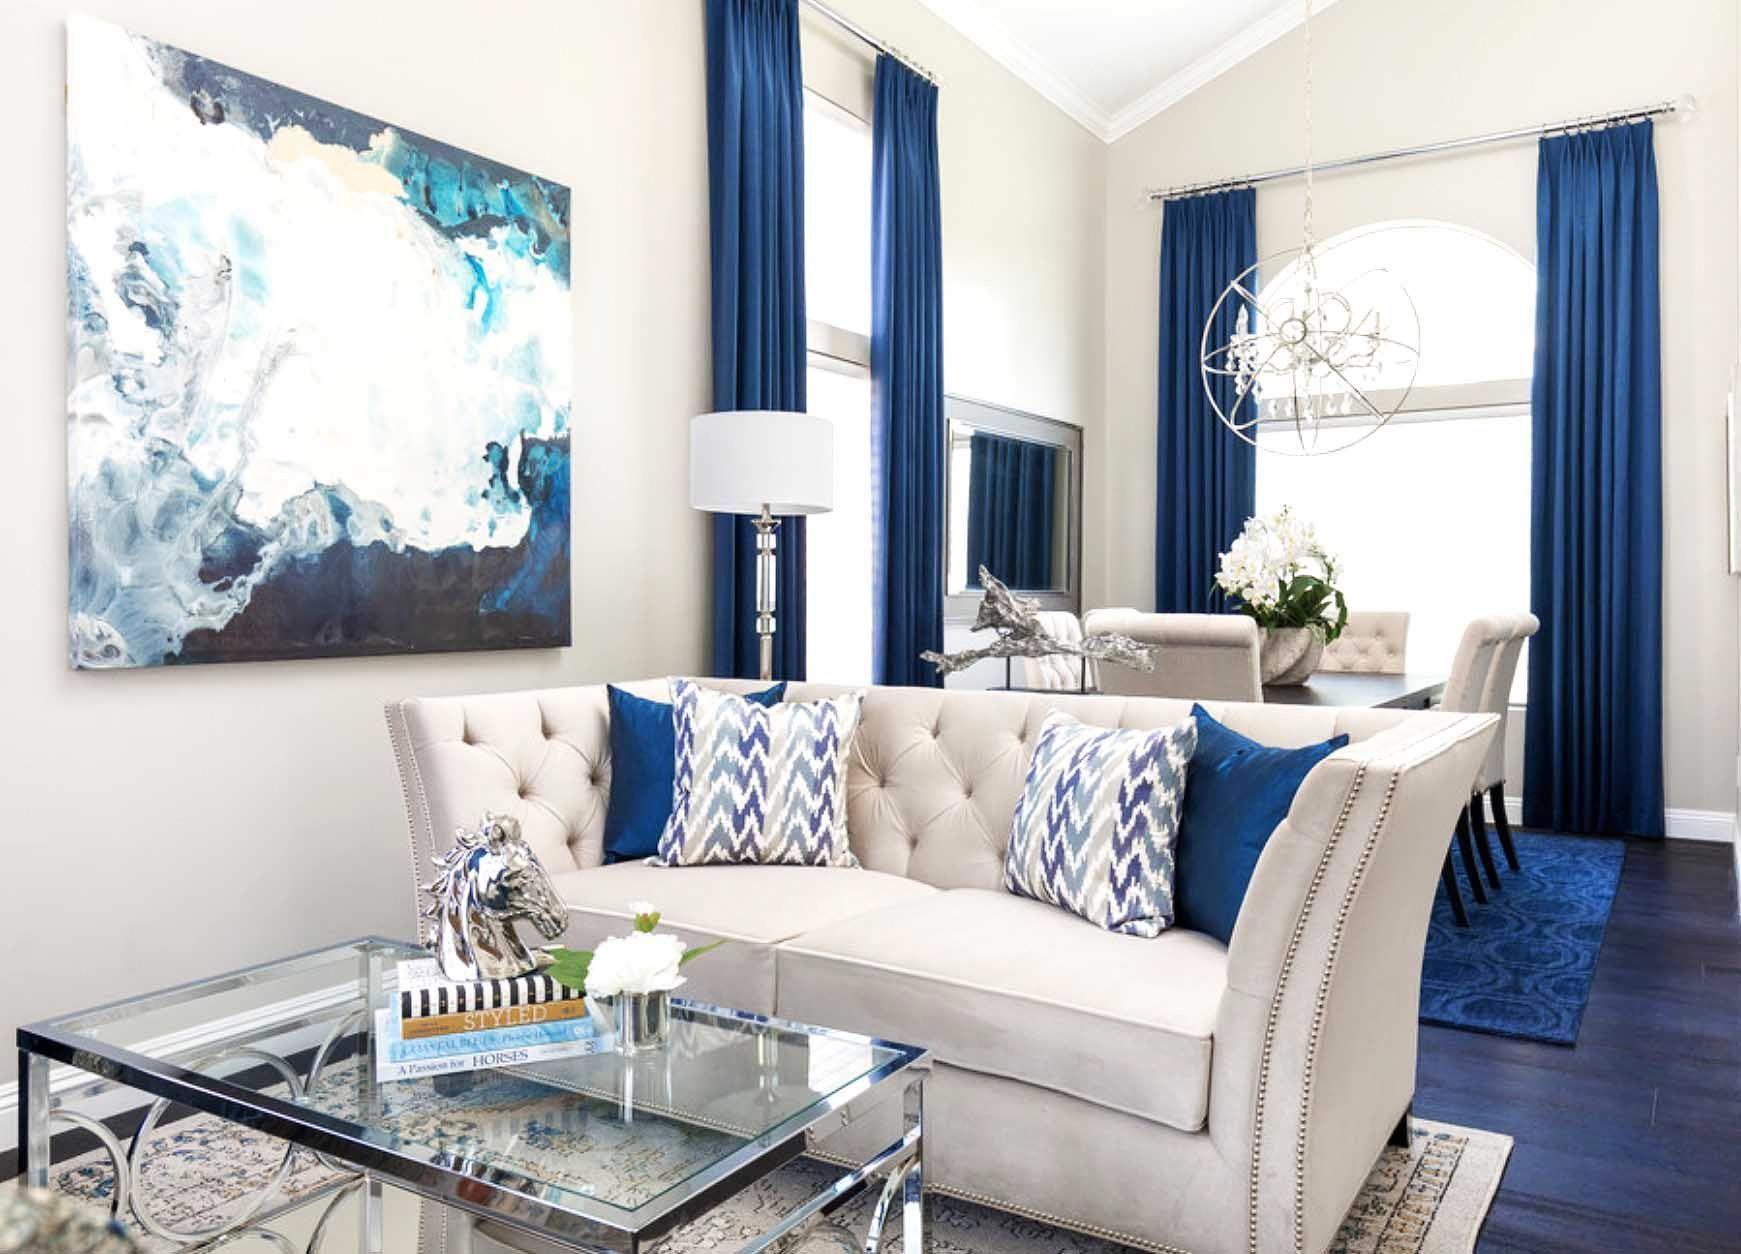 Gorgeous Blue And White Glam Living Room Decor With Elegant White Velvet Tufted Sofa Modern Gla Glam Living Room Glam Living Room Decor Blue Living Room Decor